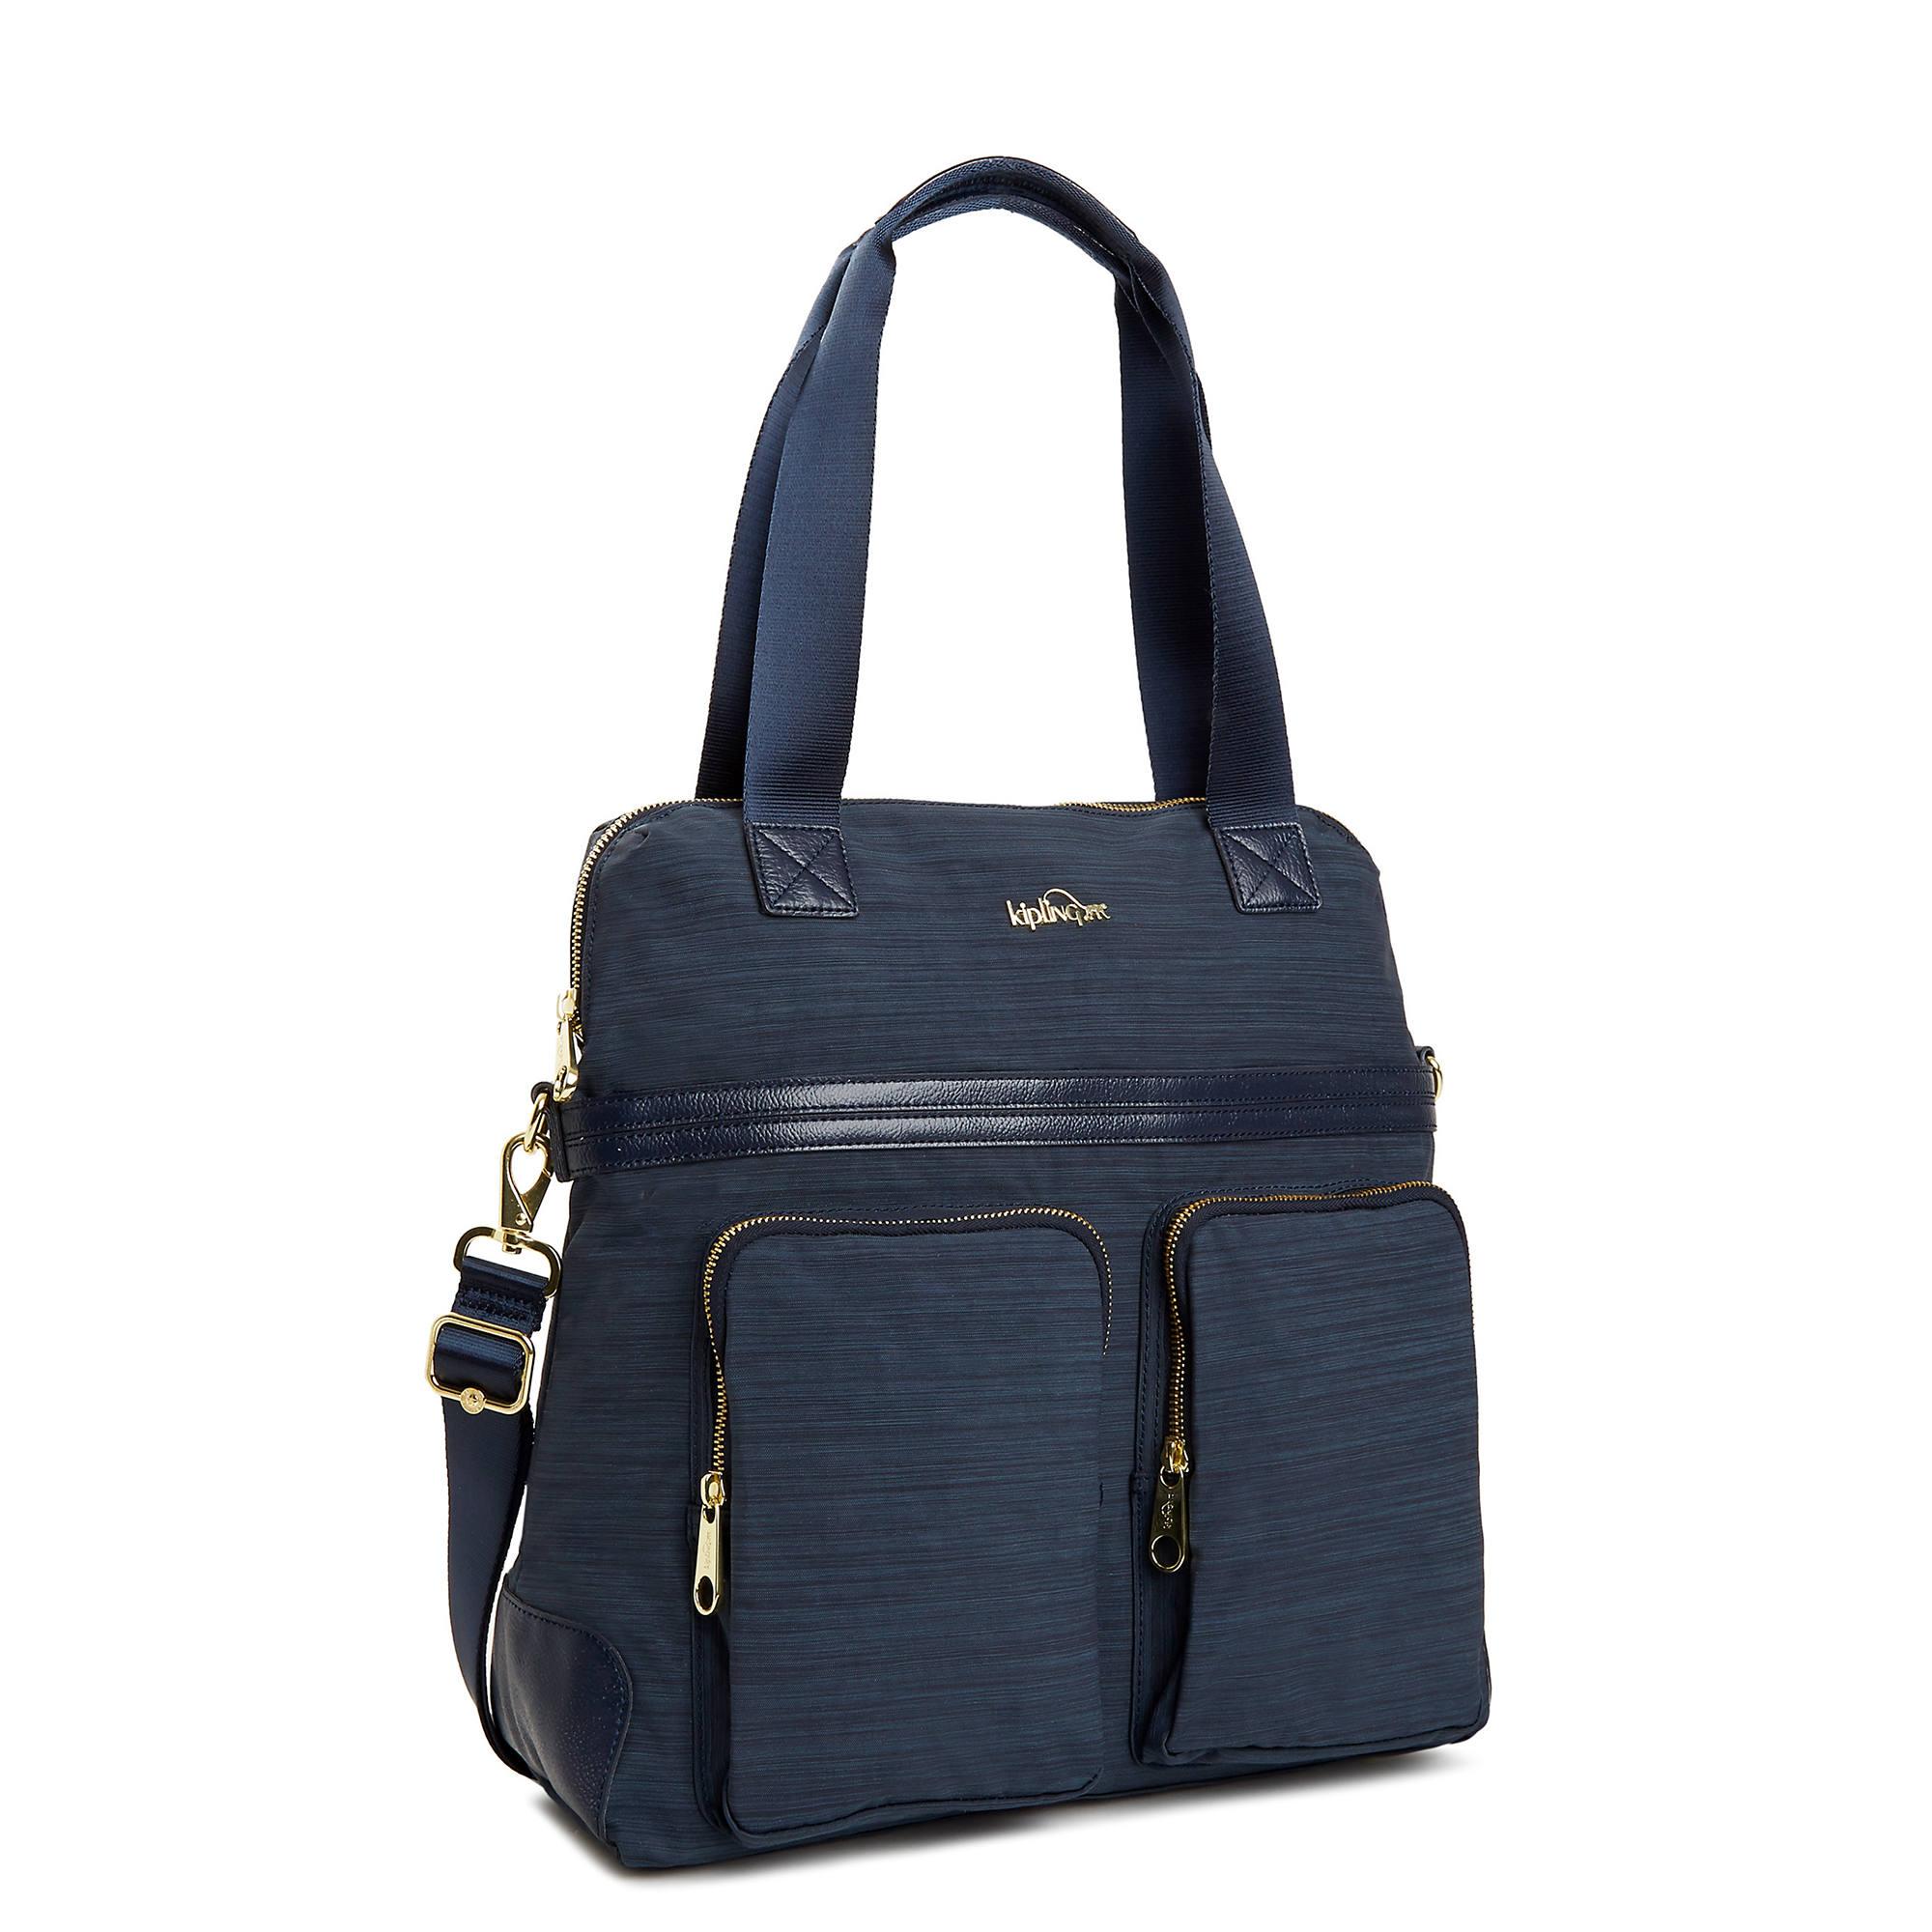 Camryn Laptop Handbag True Dazz Navy Large